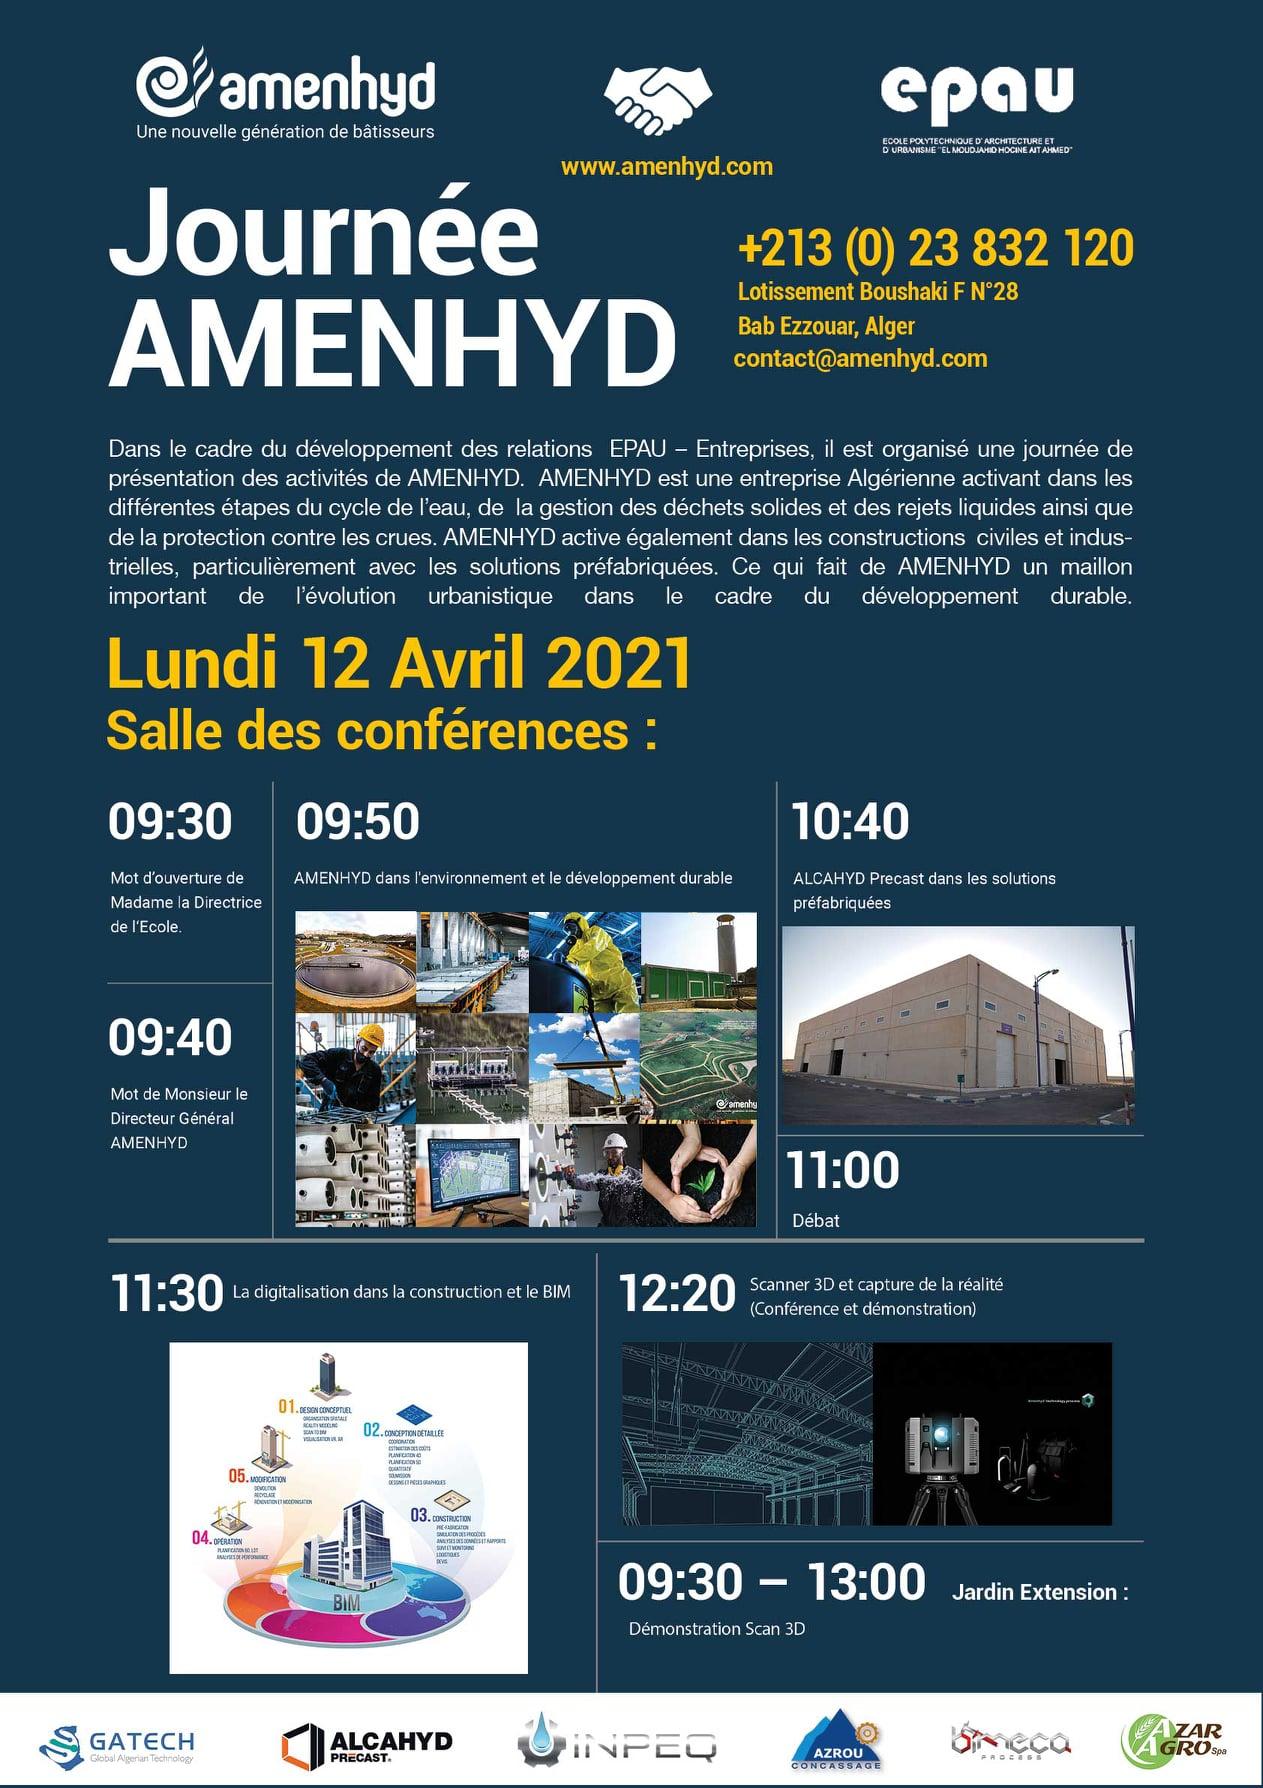 Journée de présentation d' AMENHYD le lundi 12 avril 2021